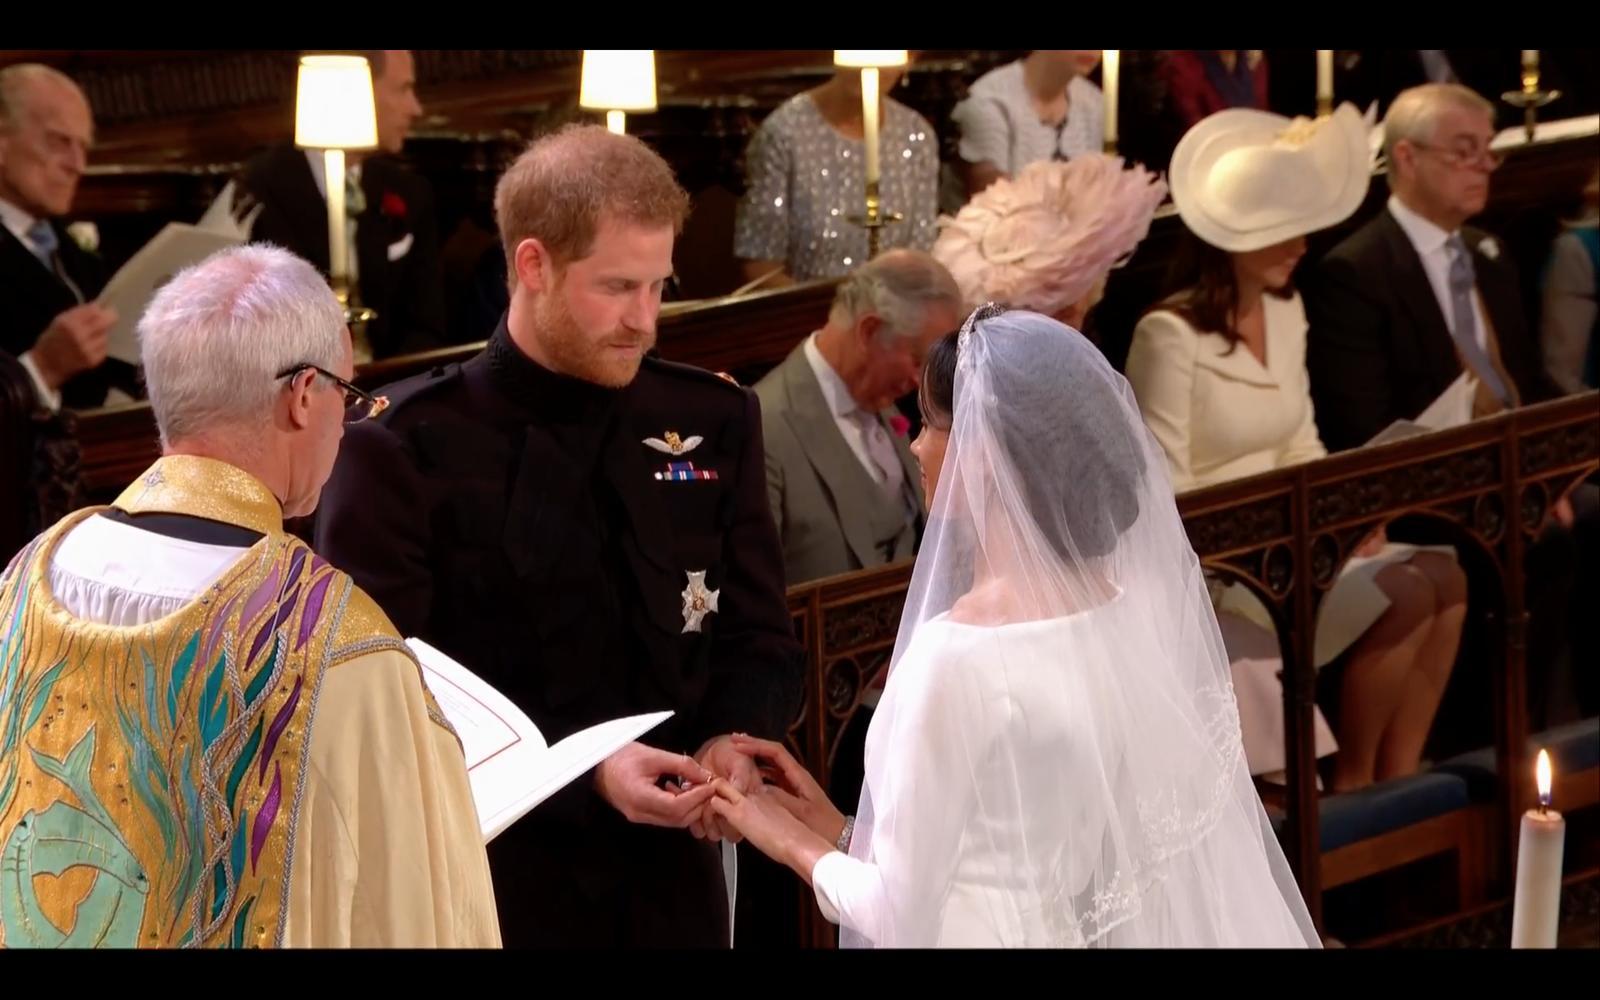 Kráľovská svadba Meghan a Harryho - Obrázok č. 87